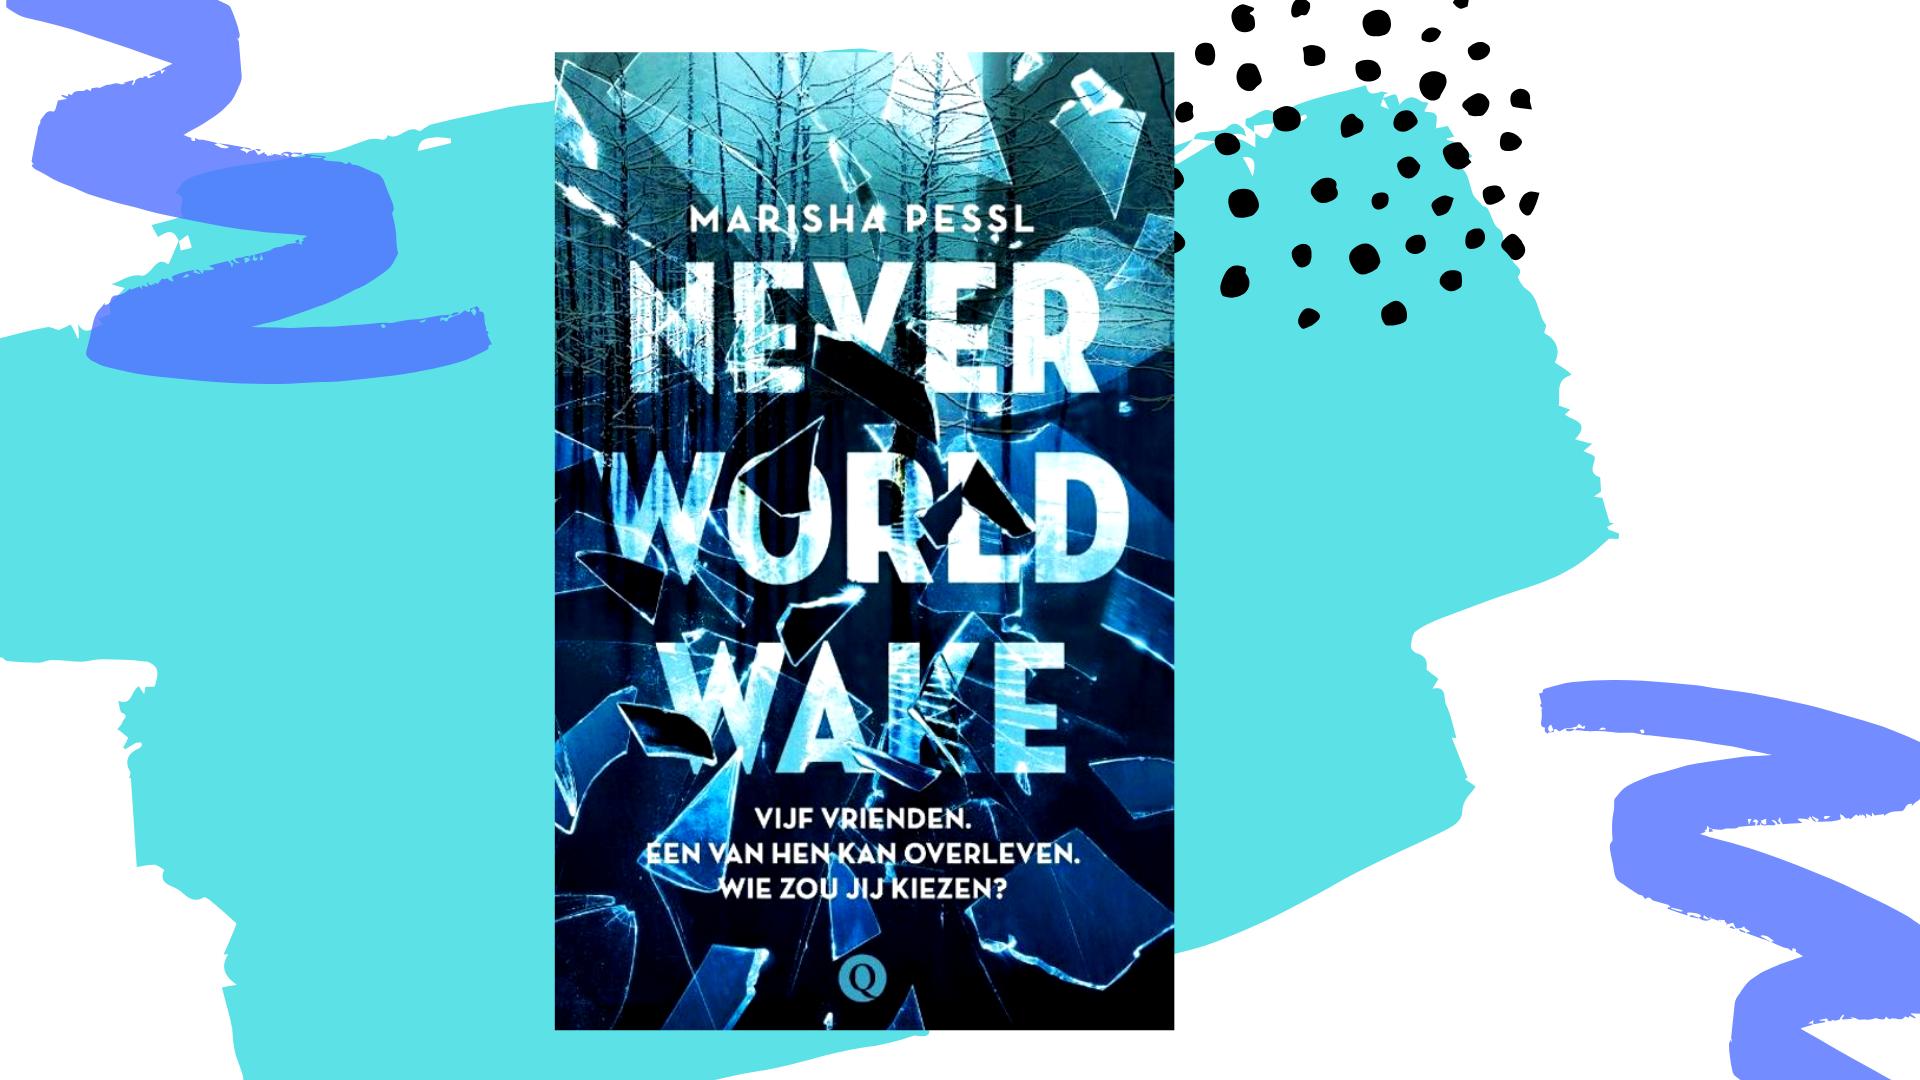 Recensie: Neverworld Wake - Marisha Pessl